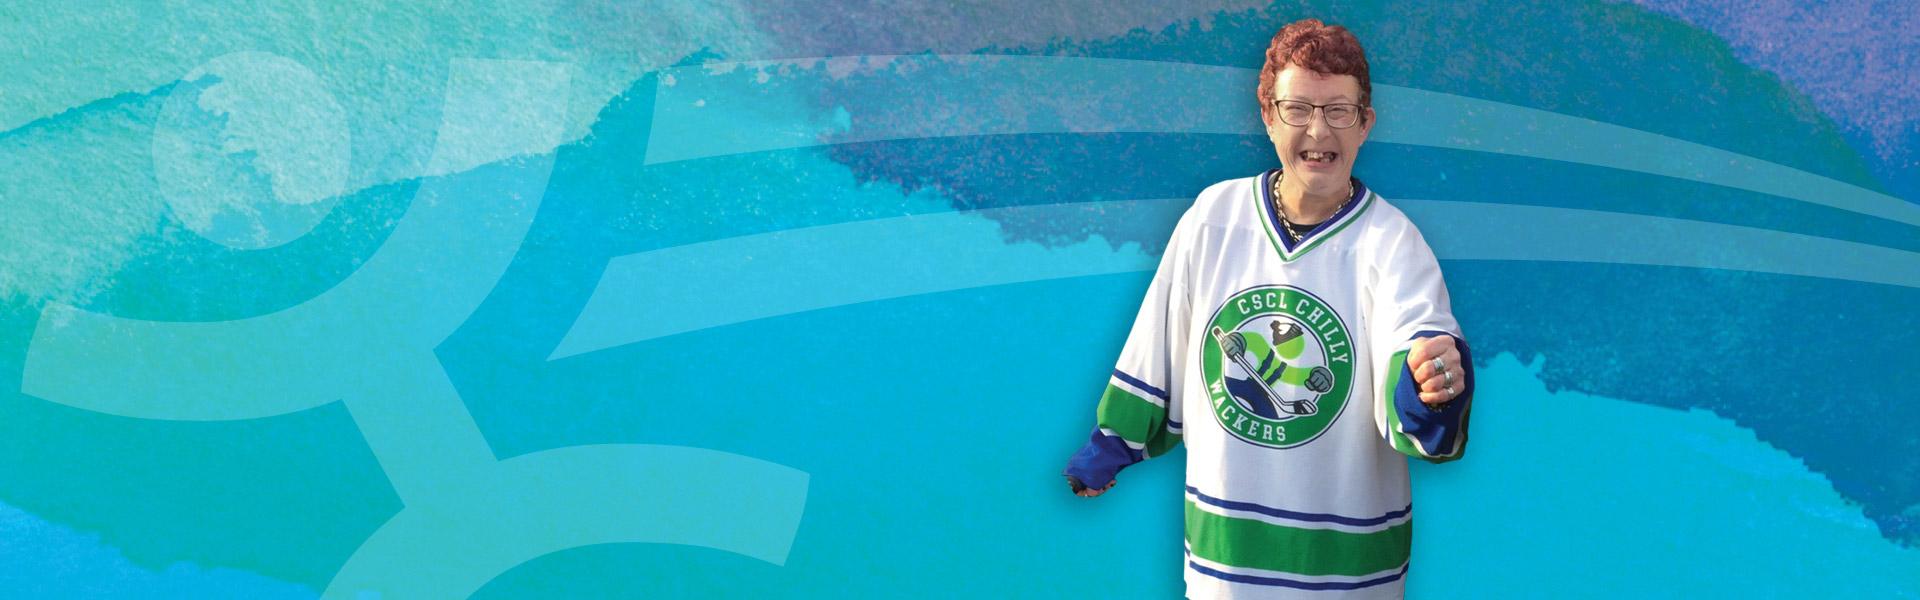 CSCL vs Toronto Leafs Alumni - Inclusion Cup BC